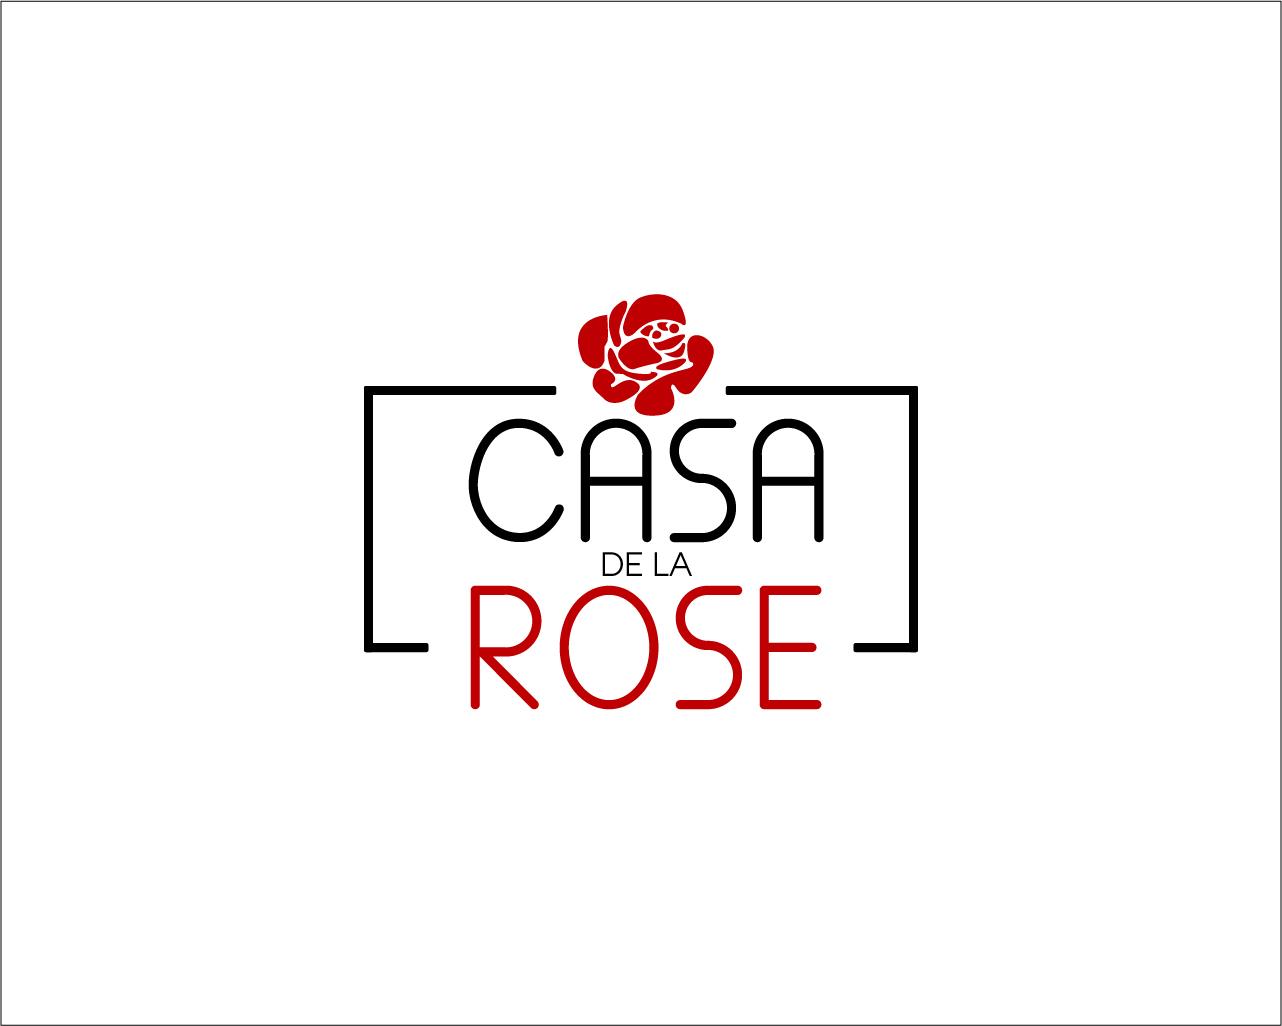 Логотип + Фирменный знак для элитного поселка Casa De La Rosa фото f_0715cd465b522144.jpg